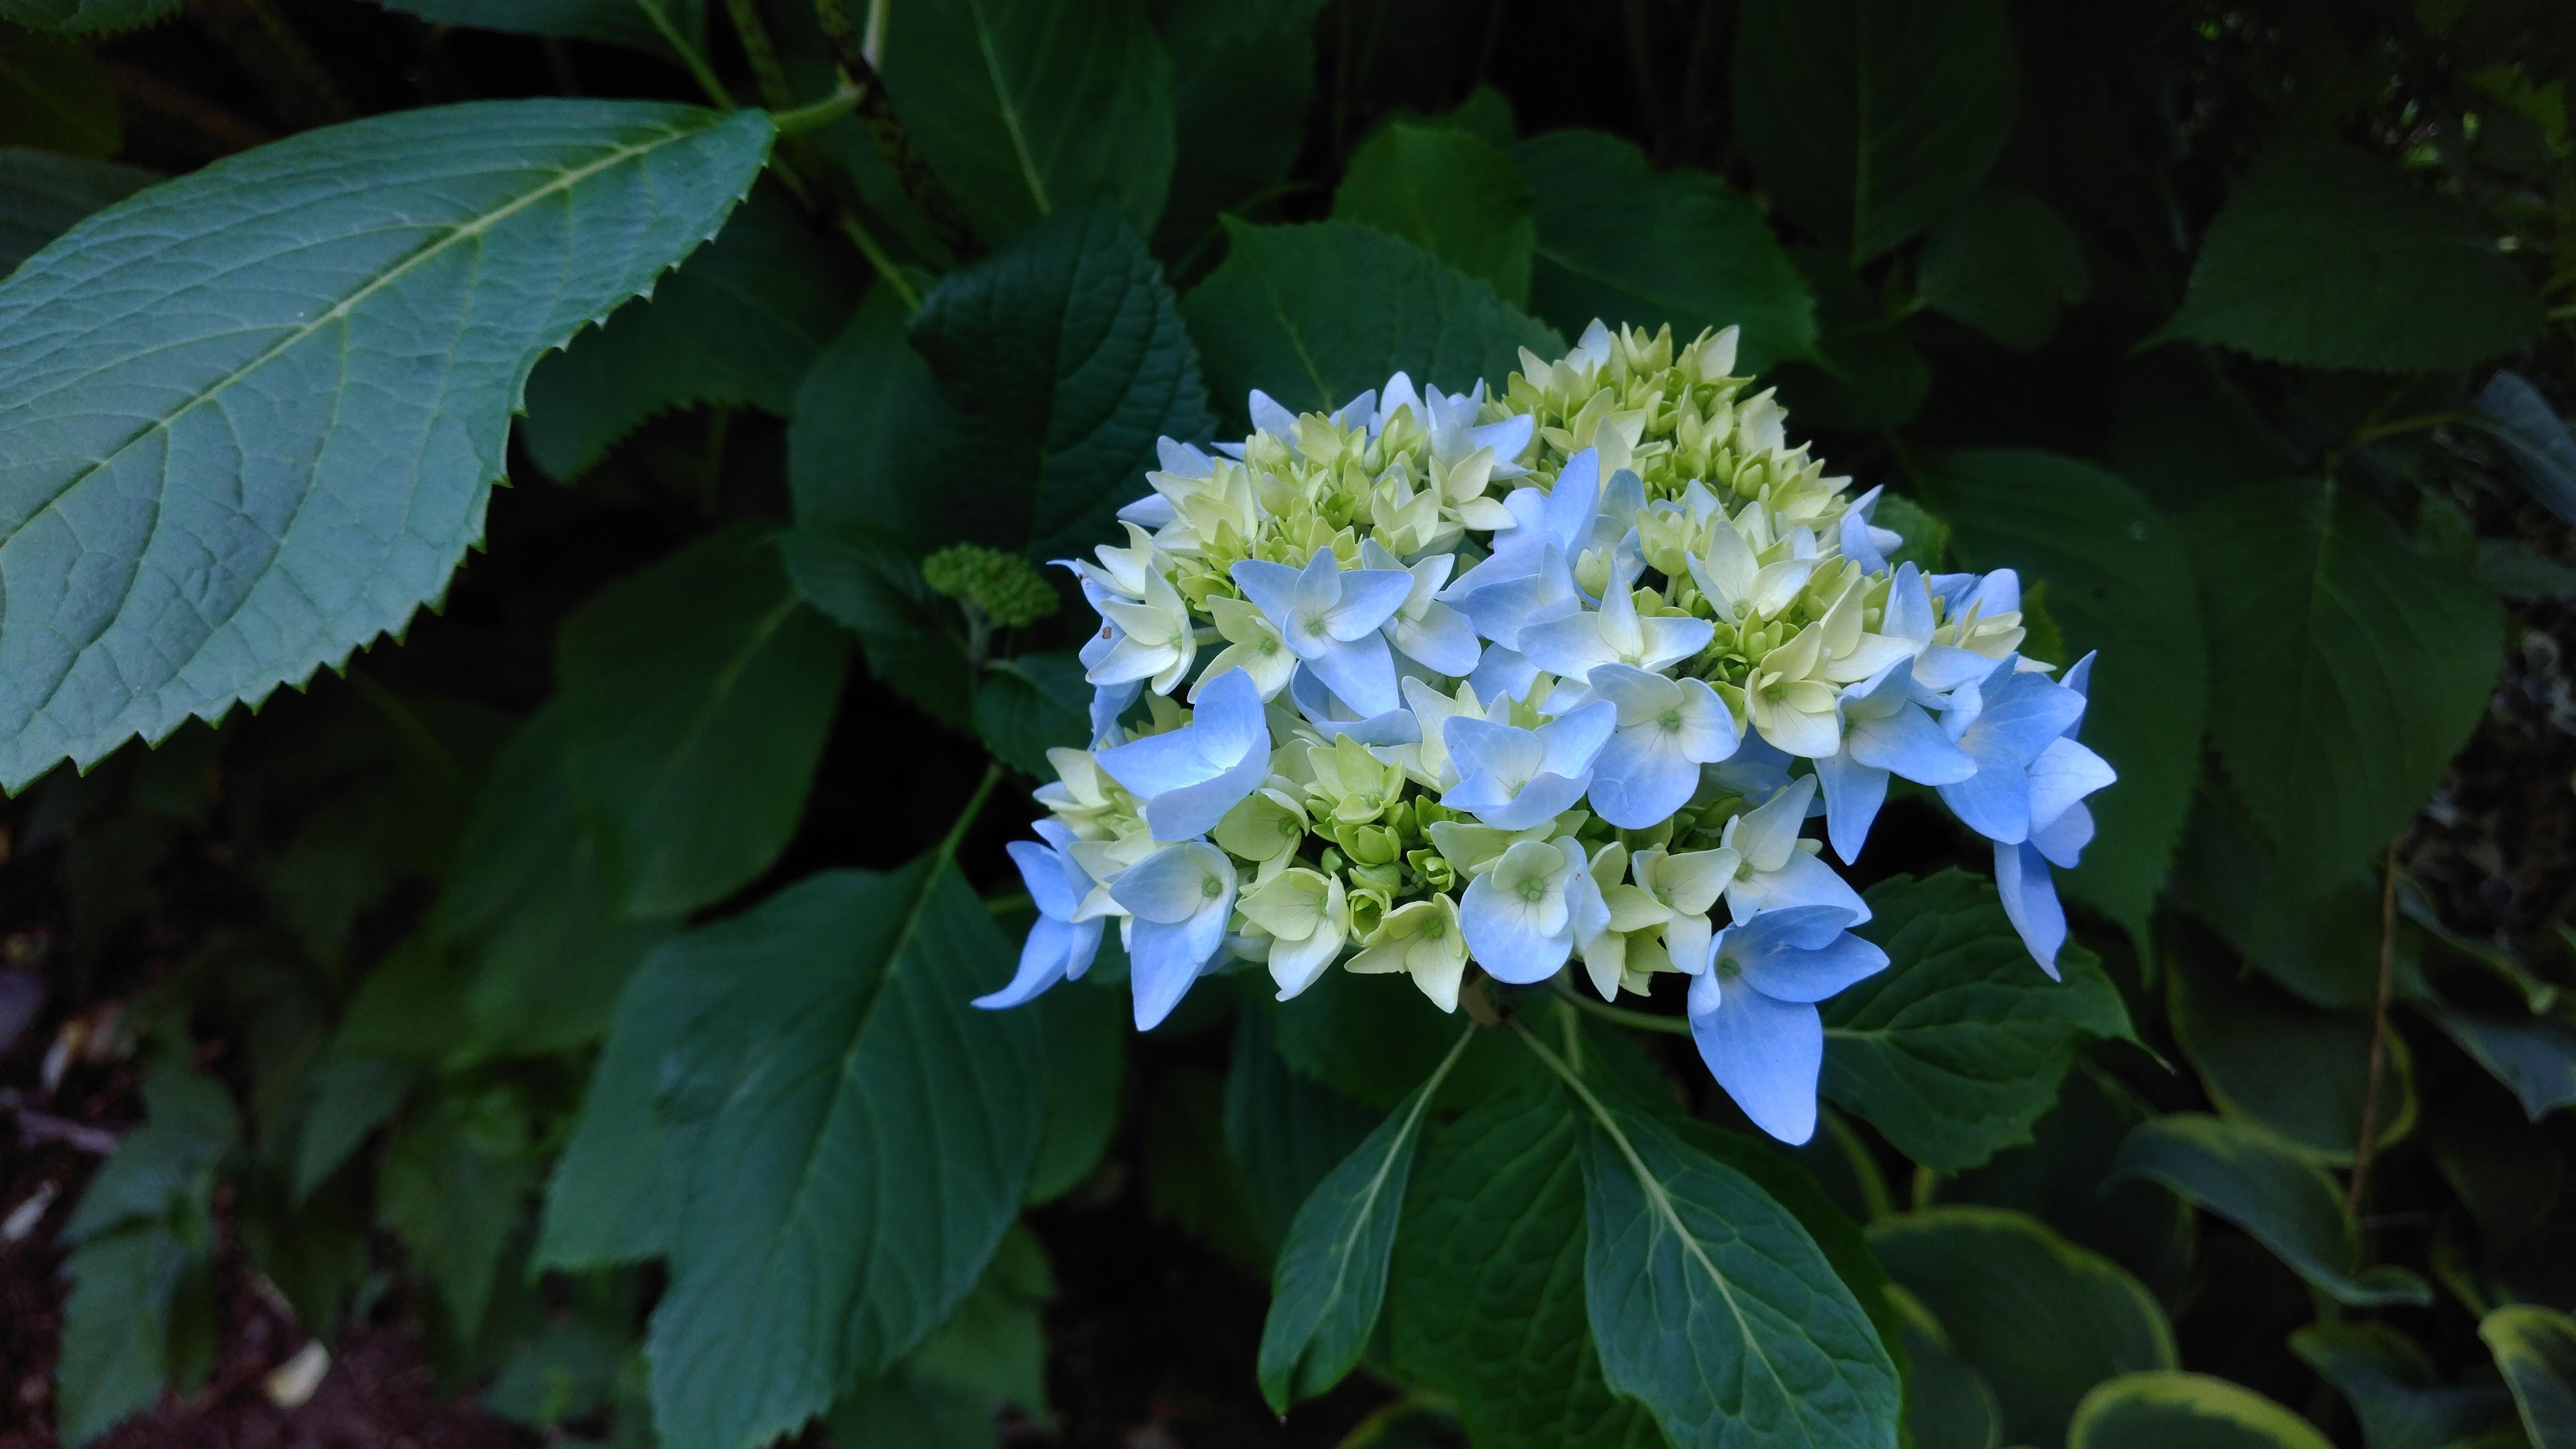 Gardening Update May 30, 2017